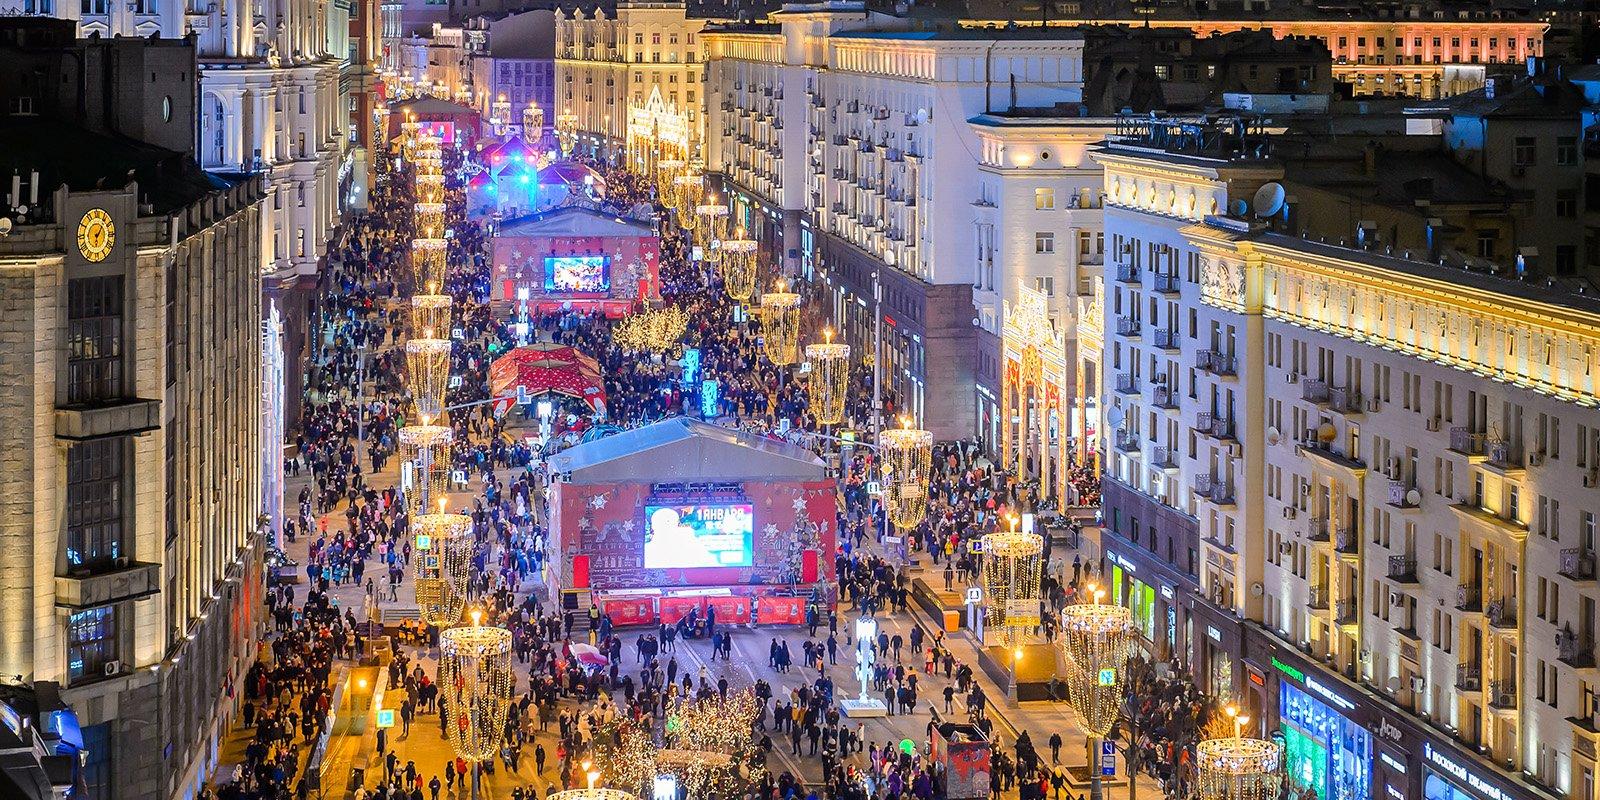 По итогам 2017 года было организовано более 60 уличных мероприятий. Фото: mos.ru